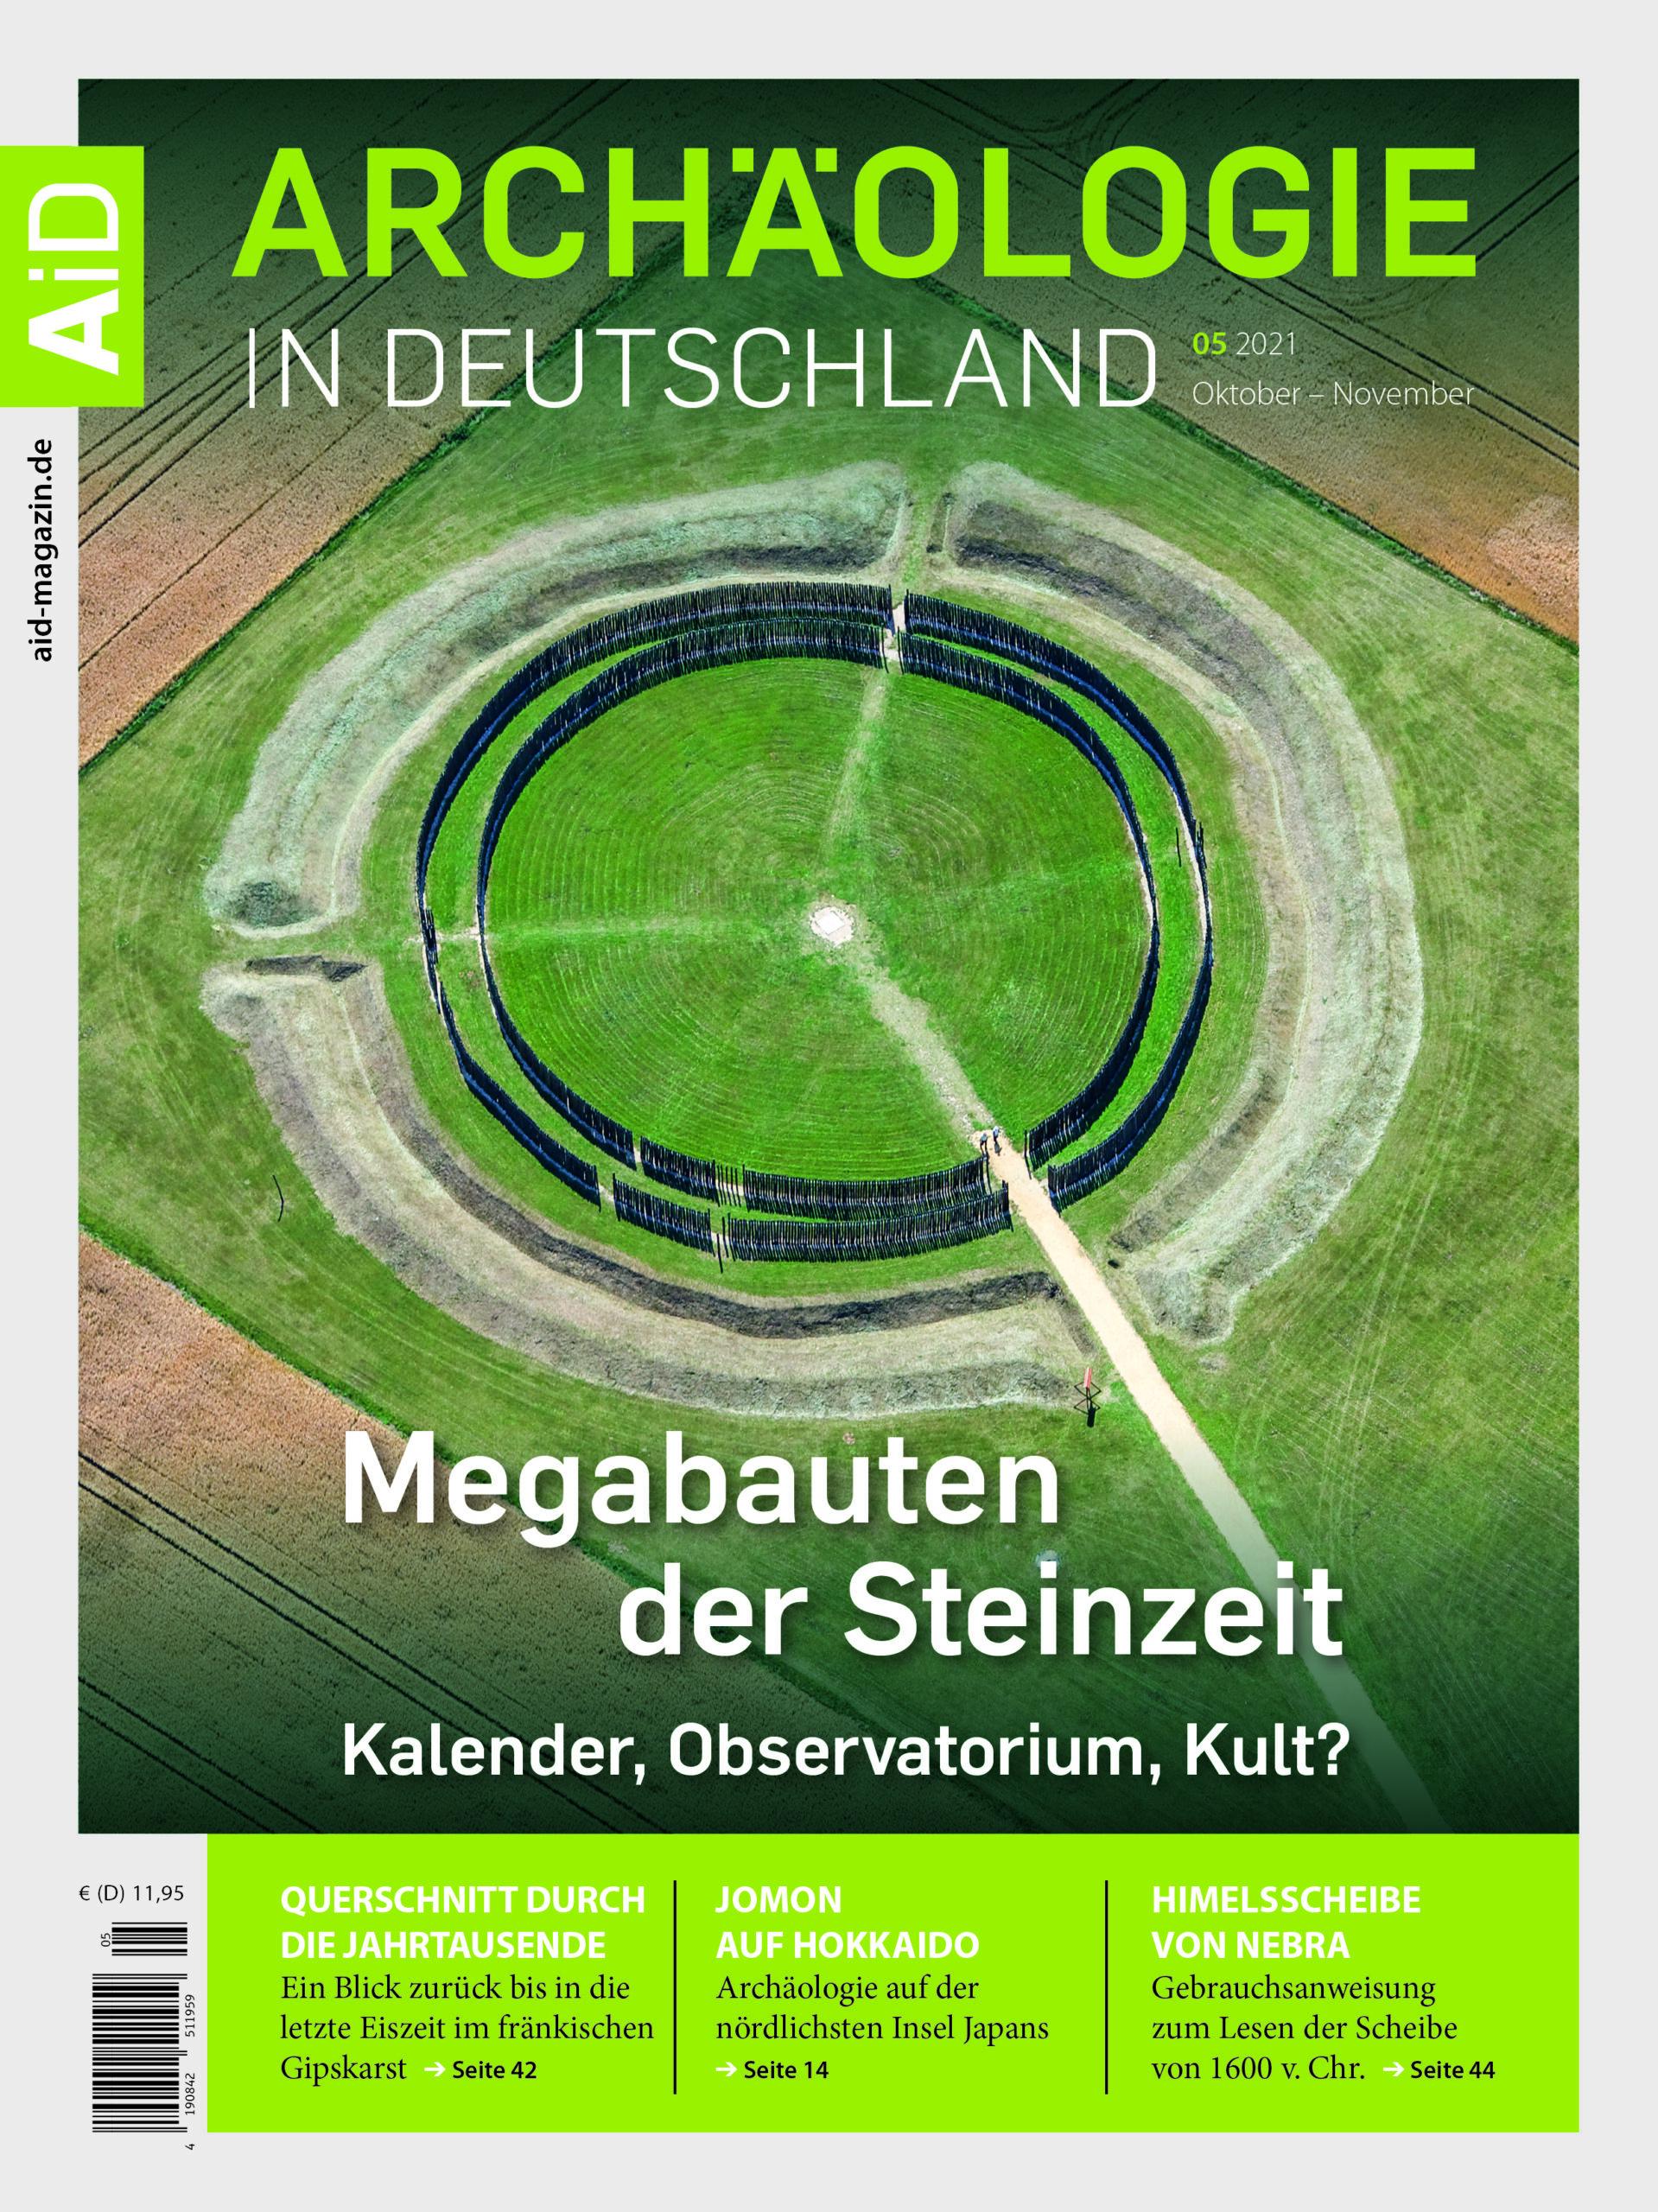 »Megabauten der Steinzeit – Kalender, Observatorium, Kult?« – Archäologie in Deutschland 5/21